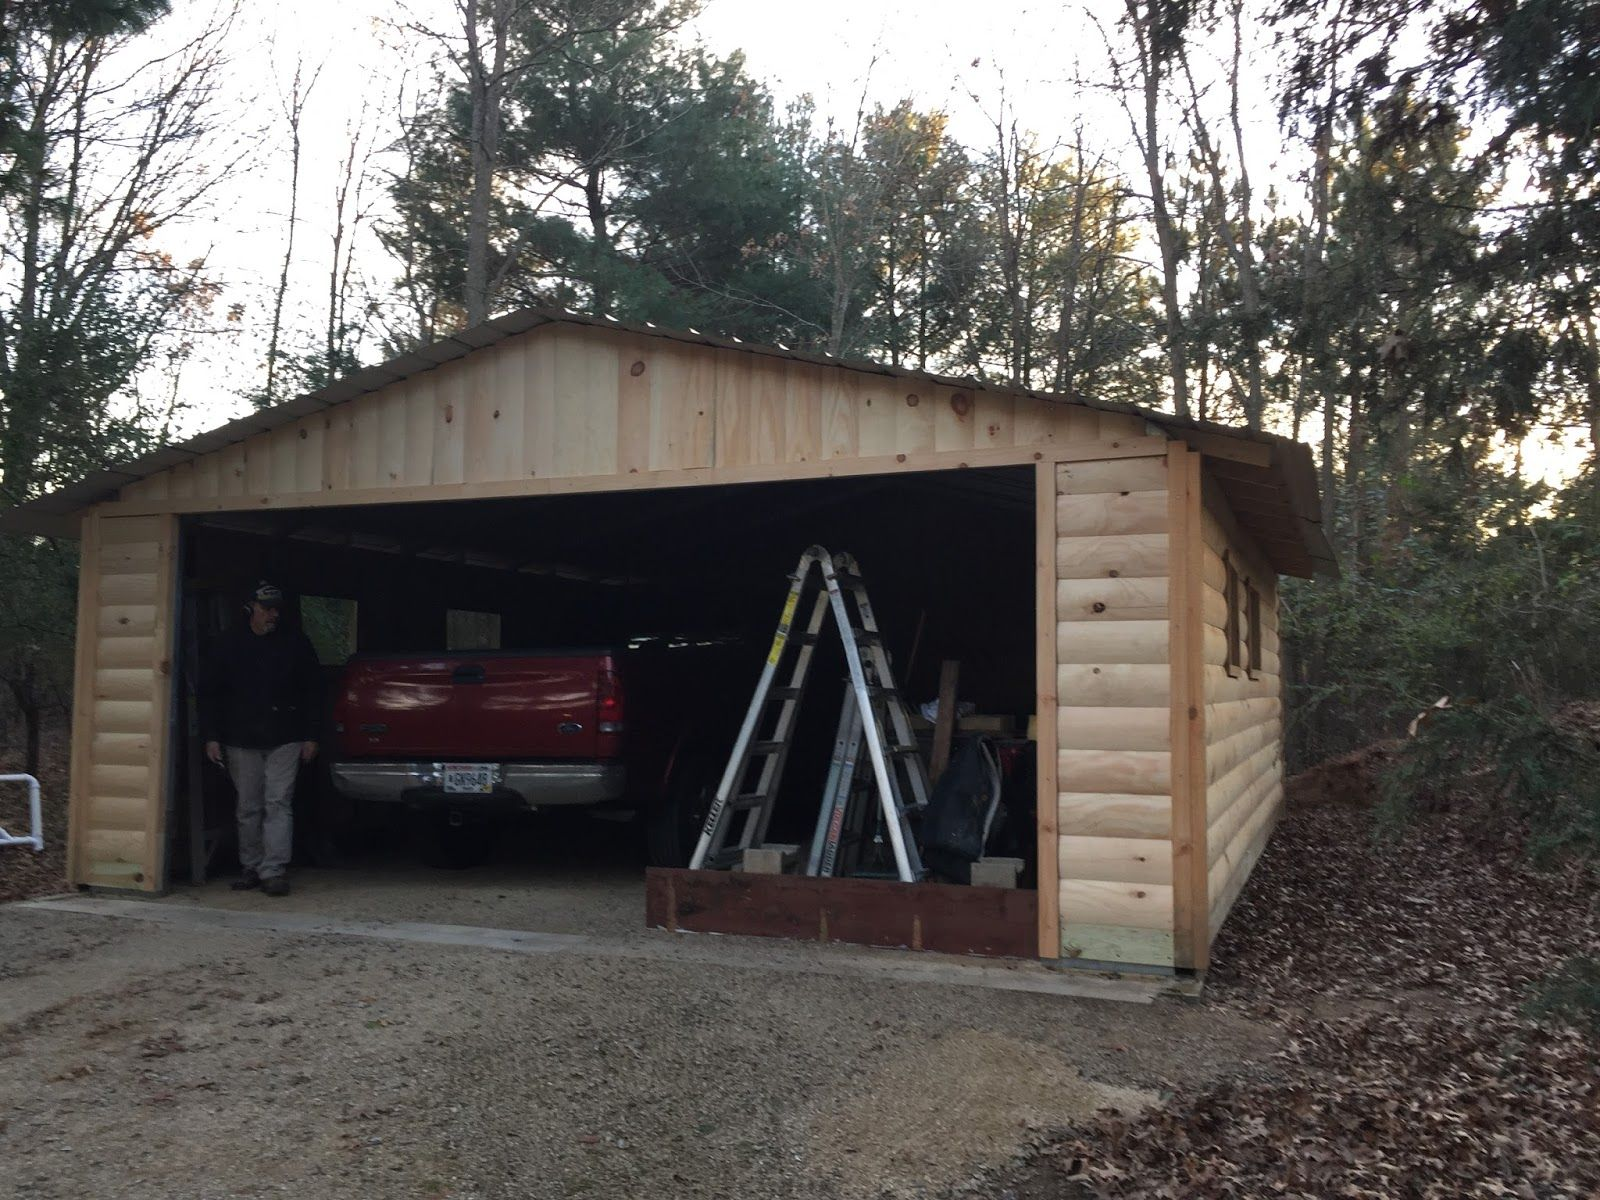 Carports Small Metal Carport 3 Car Carport Closing In A Carport Enclosing A Carport To Make A Garage Turning A Carport Carport Building A Carport Roof Design